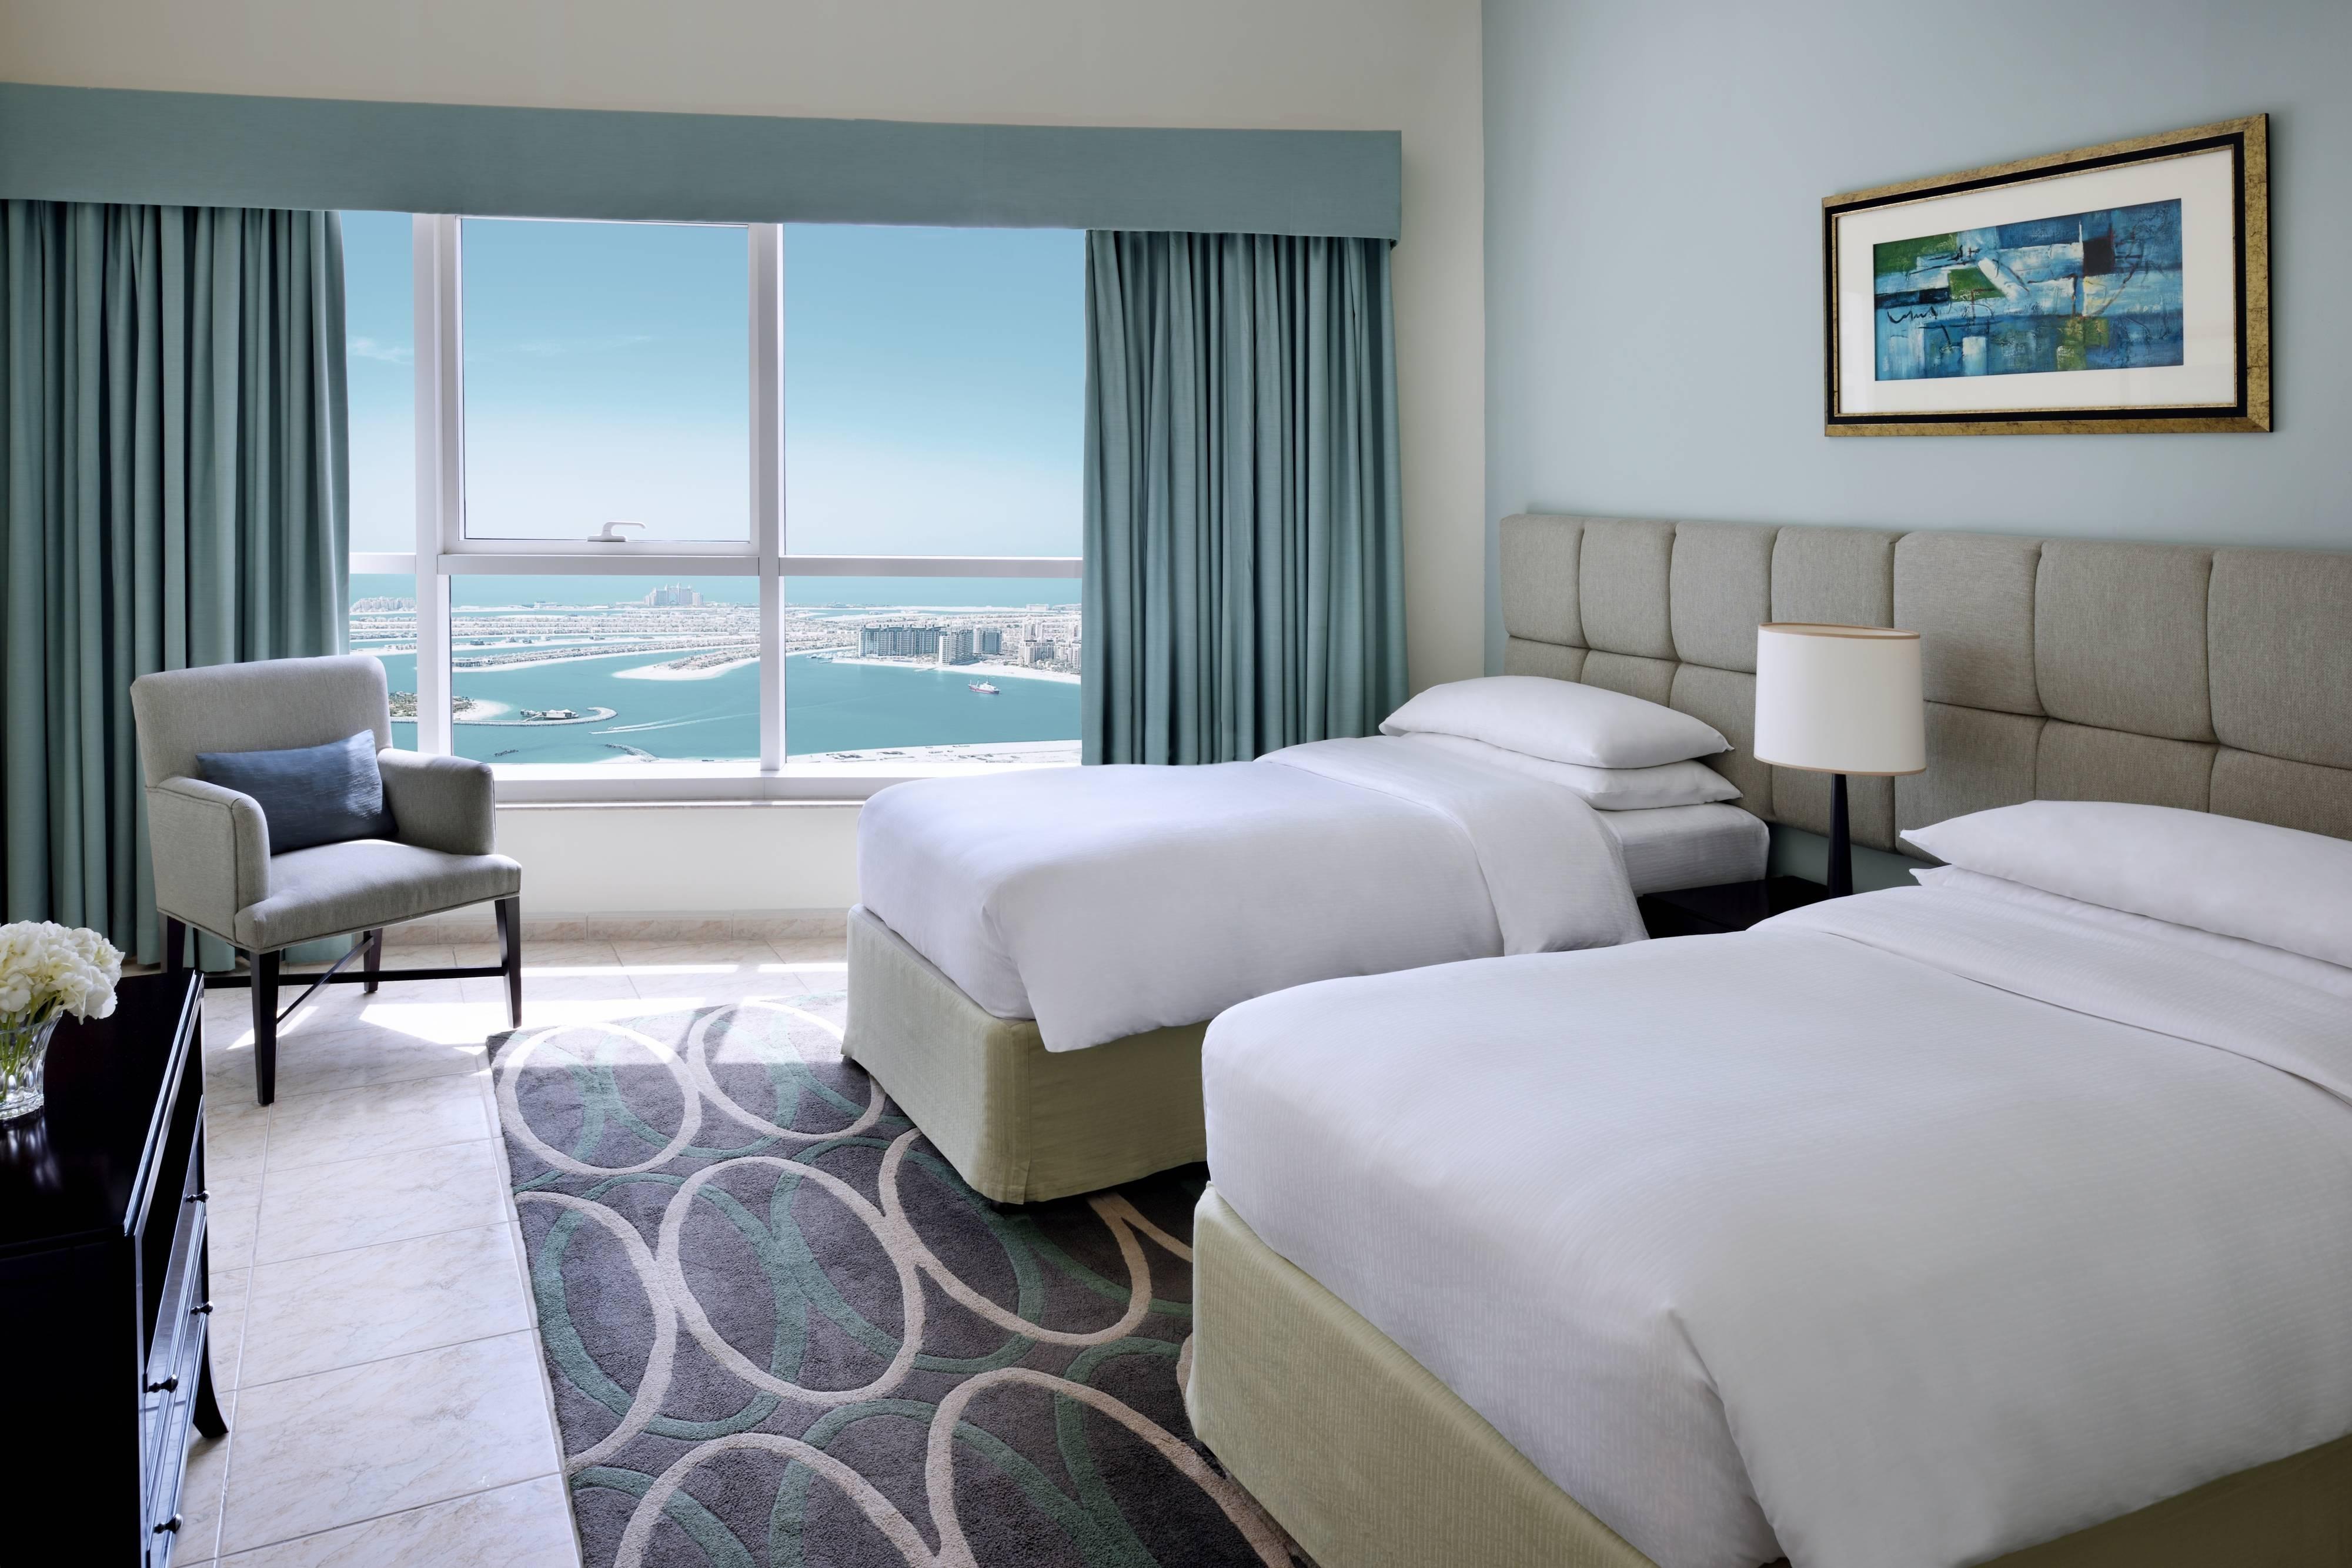 جناح مطل على البحر بغرفتي نوم - غرفة نوم بسريرين صغيرين